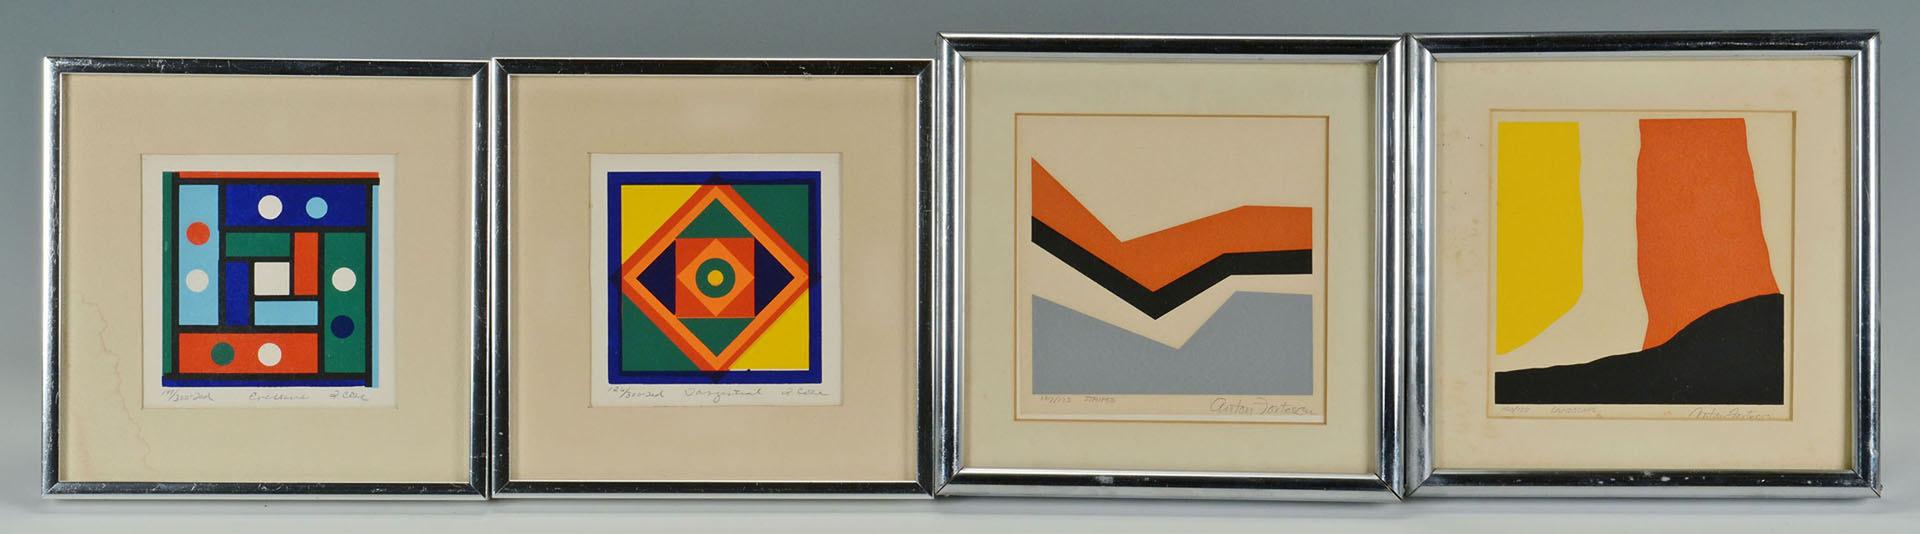 Lot 365: 2 Fotescu-Smyth Serigraphs, 2 Woodblock Prints